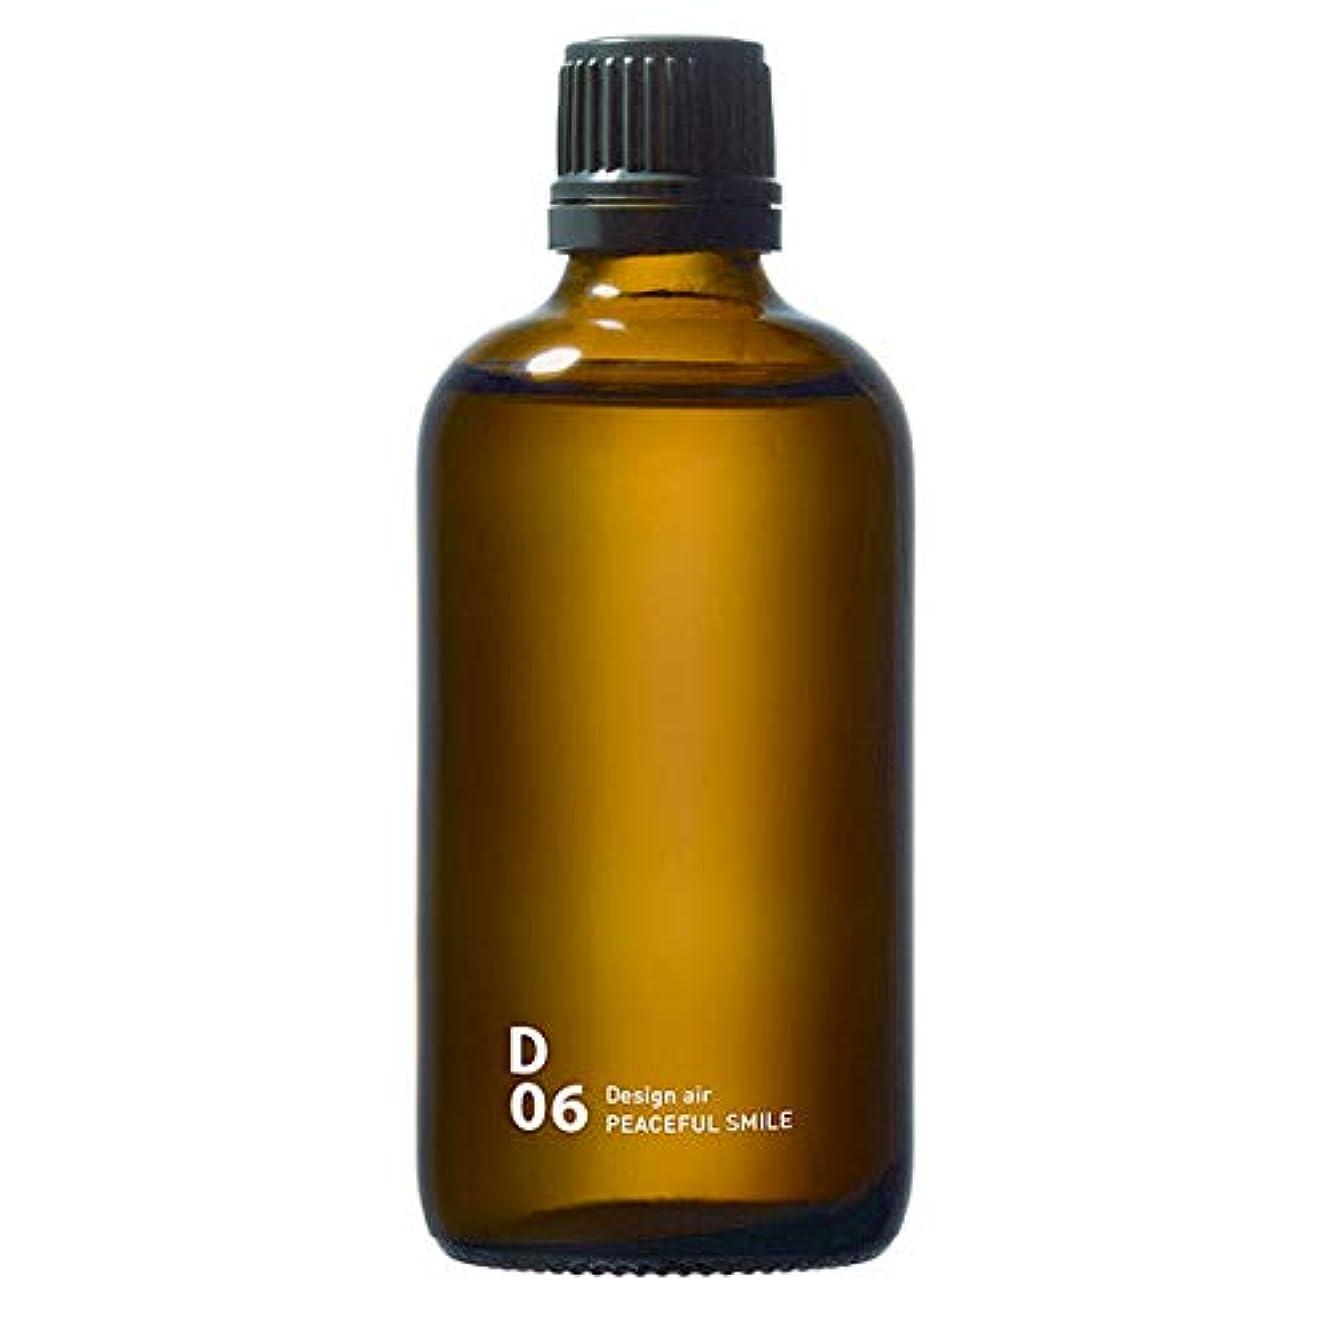 たらい販売計画柔らかい足D06 PEACEFUL SMILE piezo aroma oil 100ml